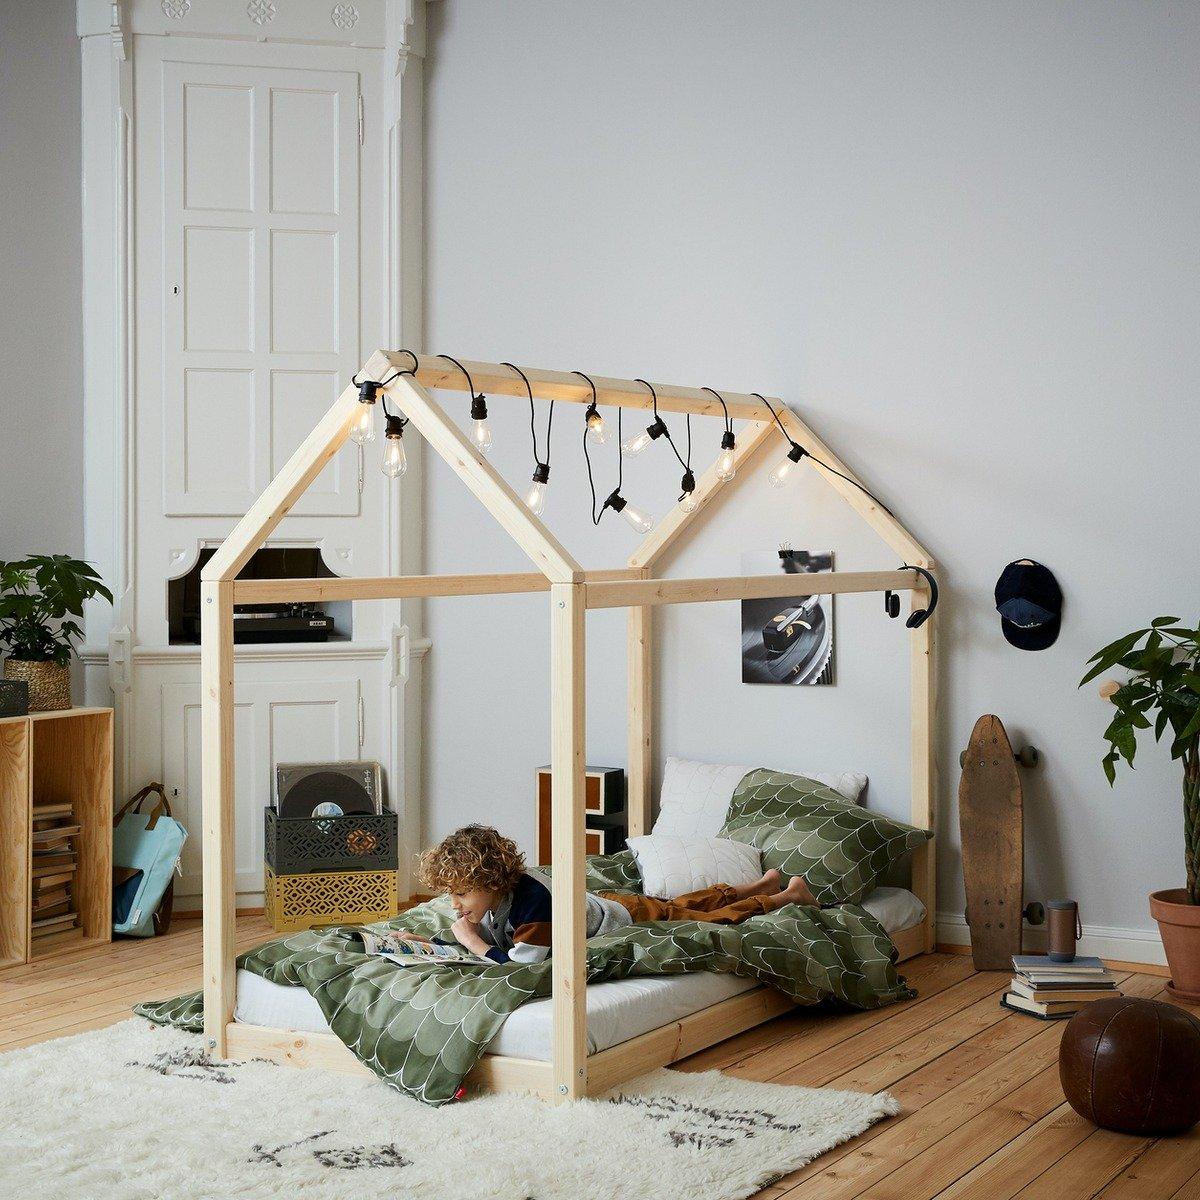 Flexa Cottage Hausbett - die fünf schönsten Hausbetten